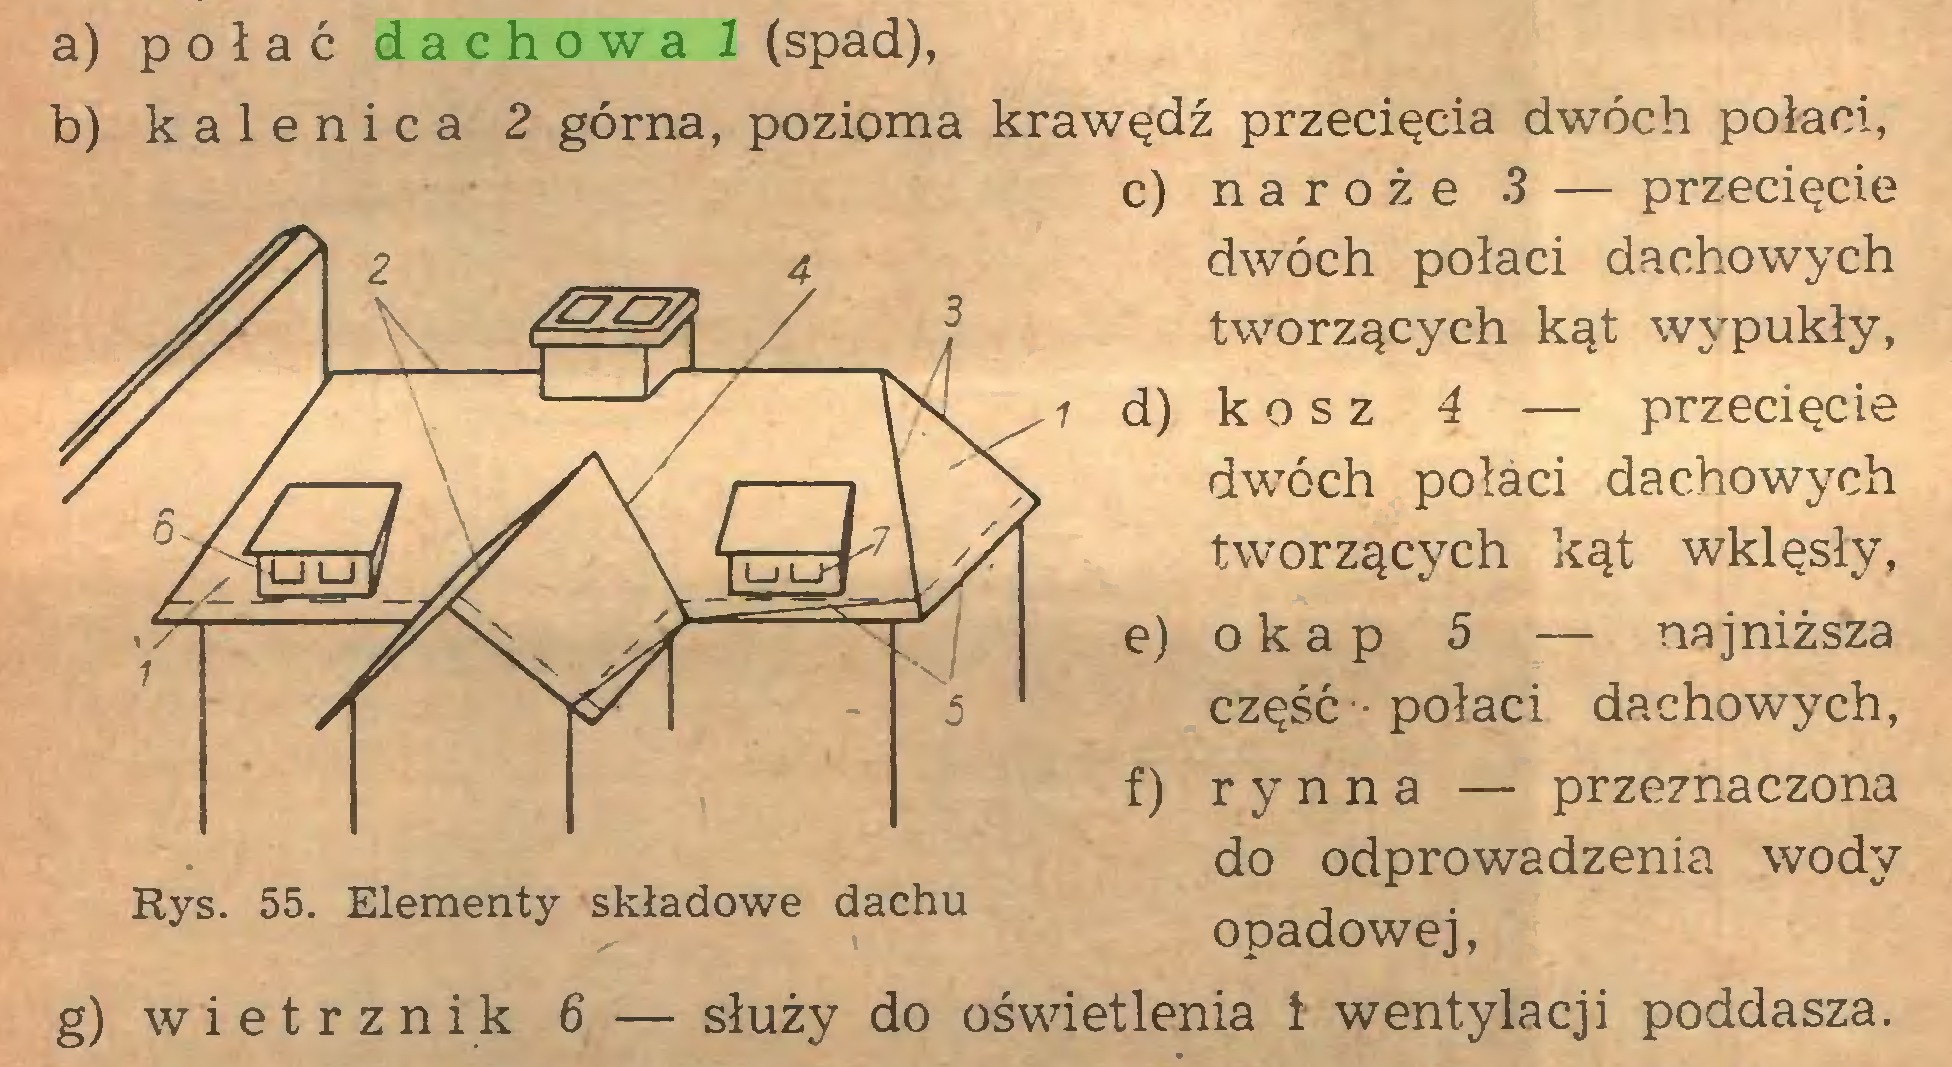 (...) a) połać dachował (spad), b) kalenica 2 górna, pozioma krawędź przecięcia dwóch połaci, c) naroże 3 — przecięcie dwóch połaci dachowych tworzących kąt wypukły, d) k o s z 4 — przecięcie dwóch połaci dachowych tworzących kąt wklęsły, e) o k a p 5 — najniższa część -połaci dachowych, f) rynna — przeznaczona do odprowadzenia wody opadowej, g) wietrznik 6 — służy do oświetlenia 1 wentylacji poddasza...